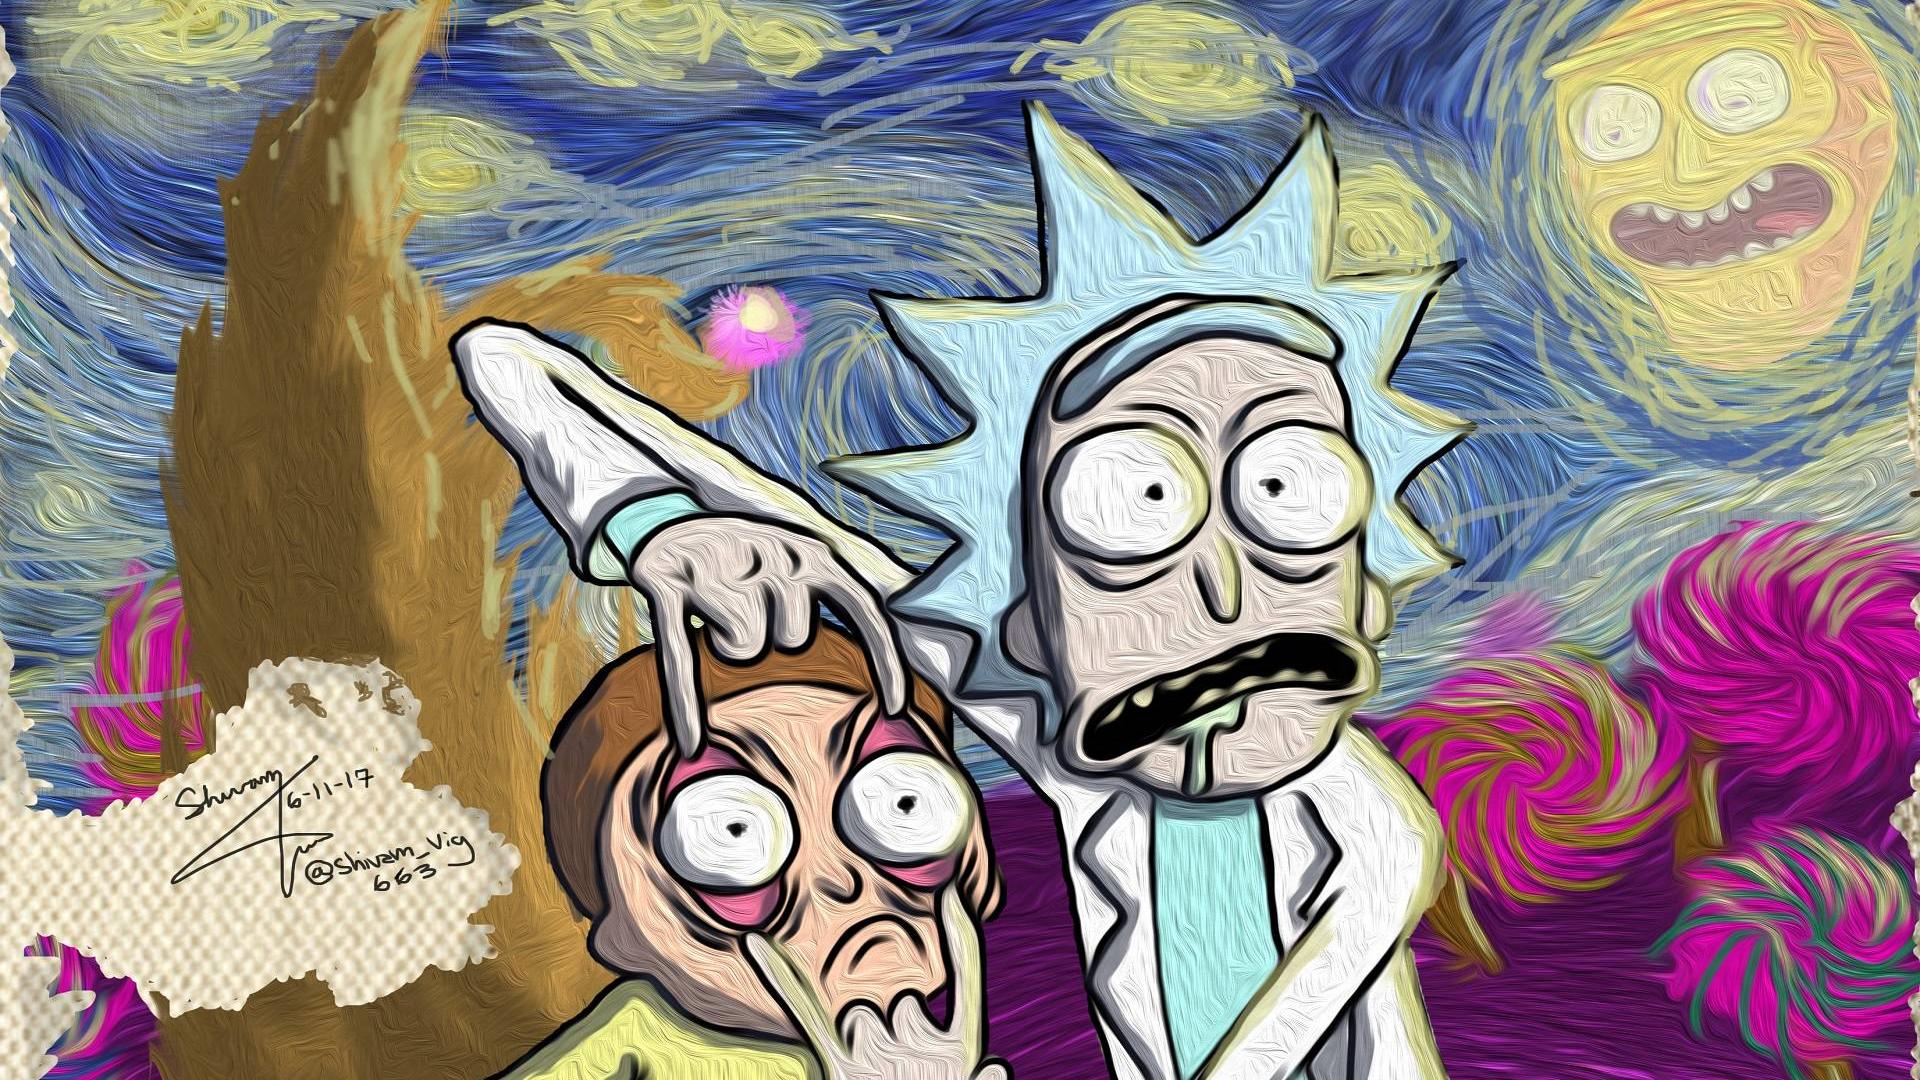 【瑞克和莫蒂】神明只是更强大的力量,拯救世界的都是孤独者,豆瓣9.8分